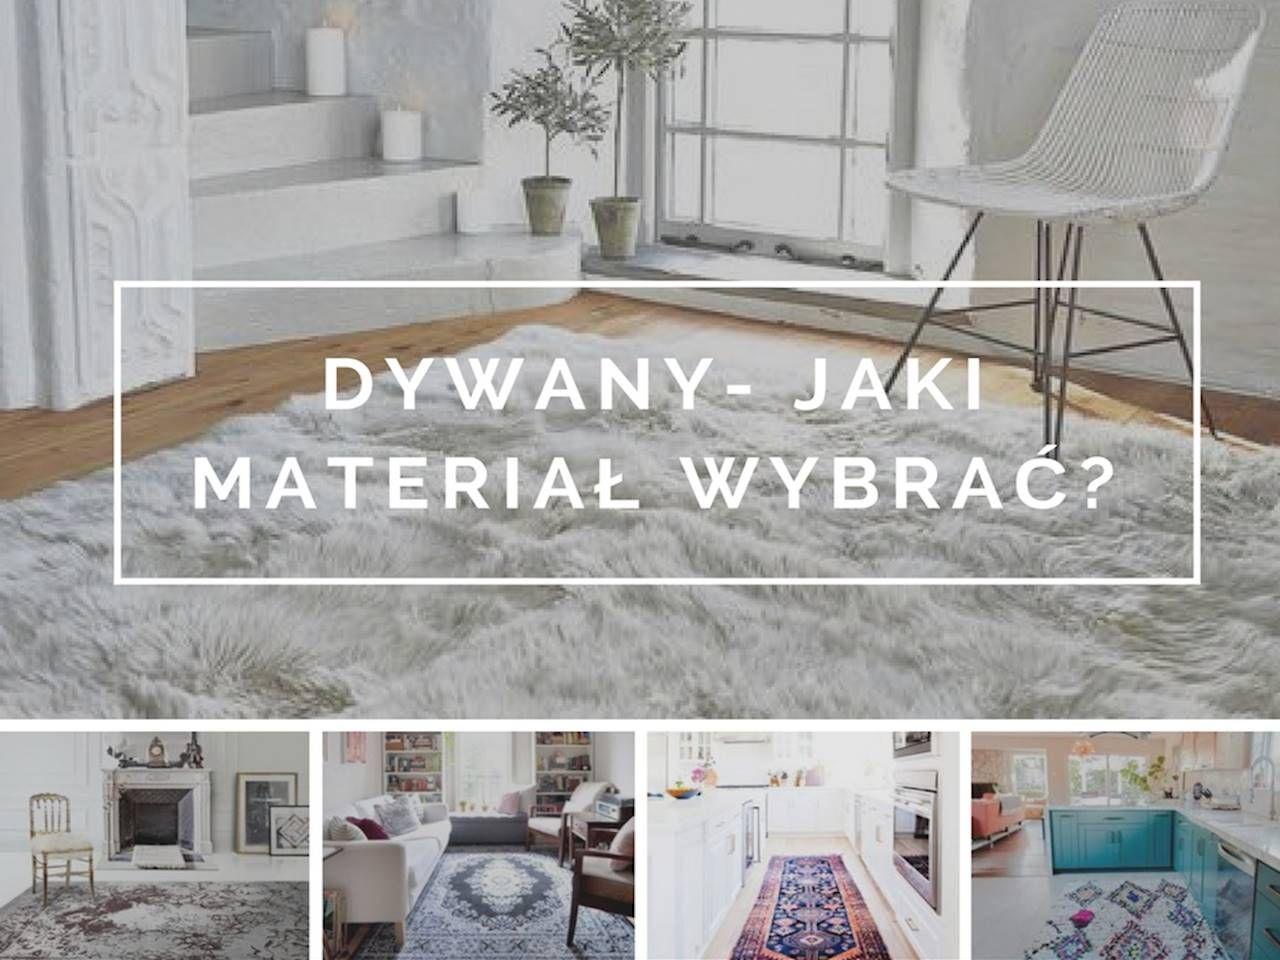 Dywany jaki materiał wybrać? Wnętrza ze Smakiem